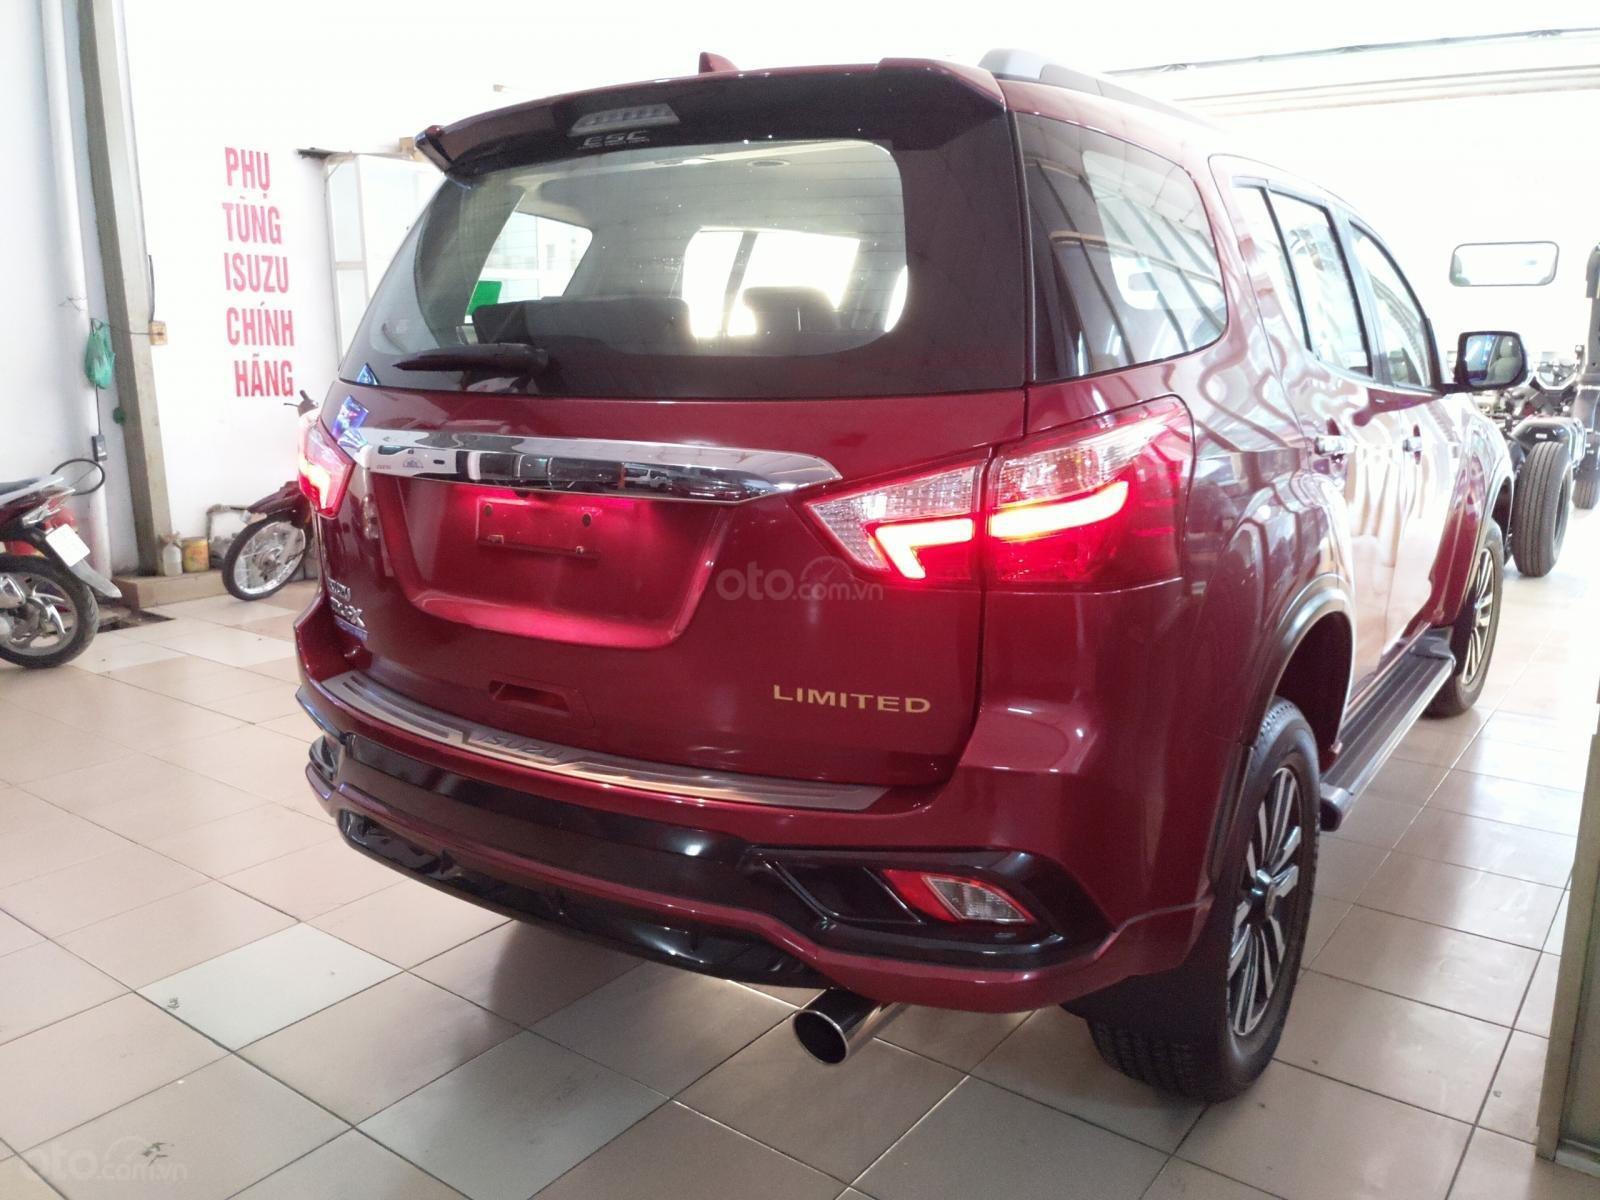 Bán Isuzu Mu-X Limited 1.9 nhập khẩu Thái Lan, KM BHVC (18)